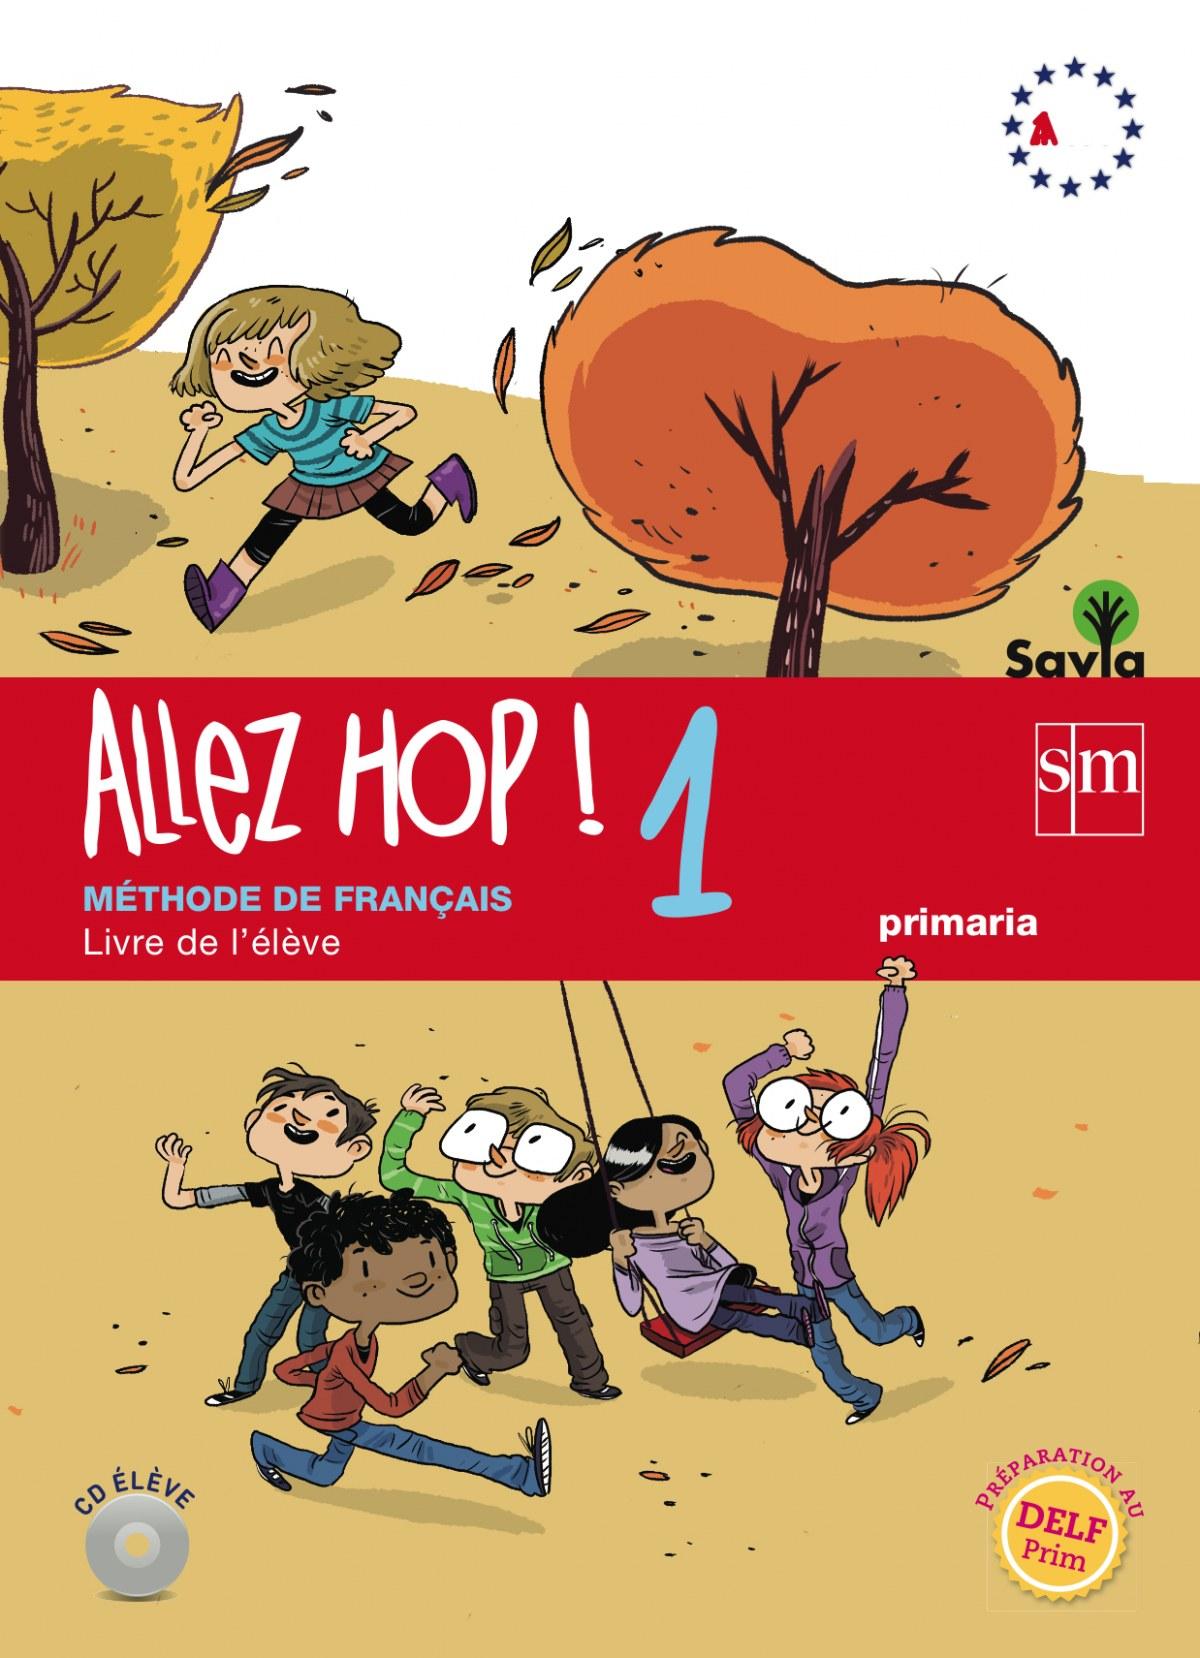 frances allez hop! 5o..prim.(livre) *savia* 9788467562637